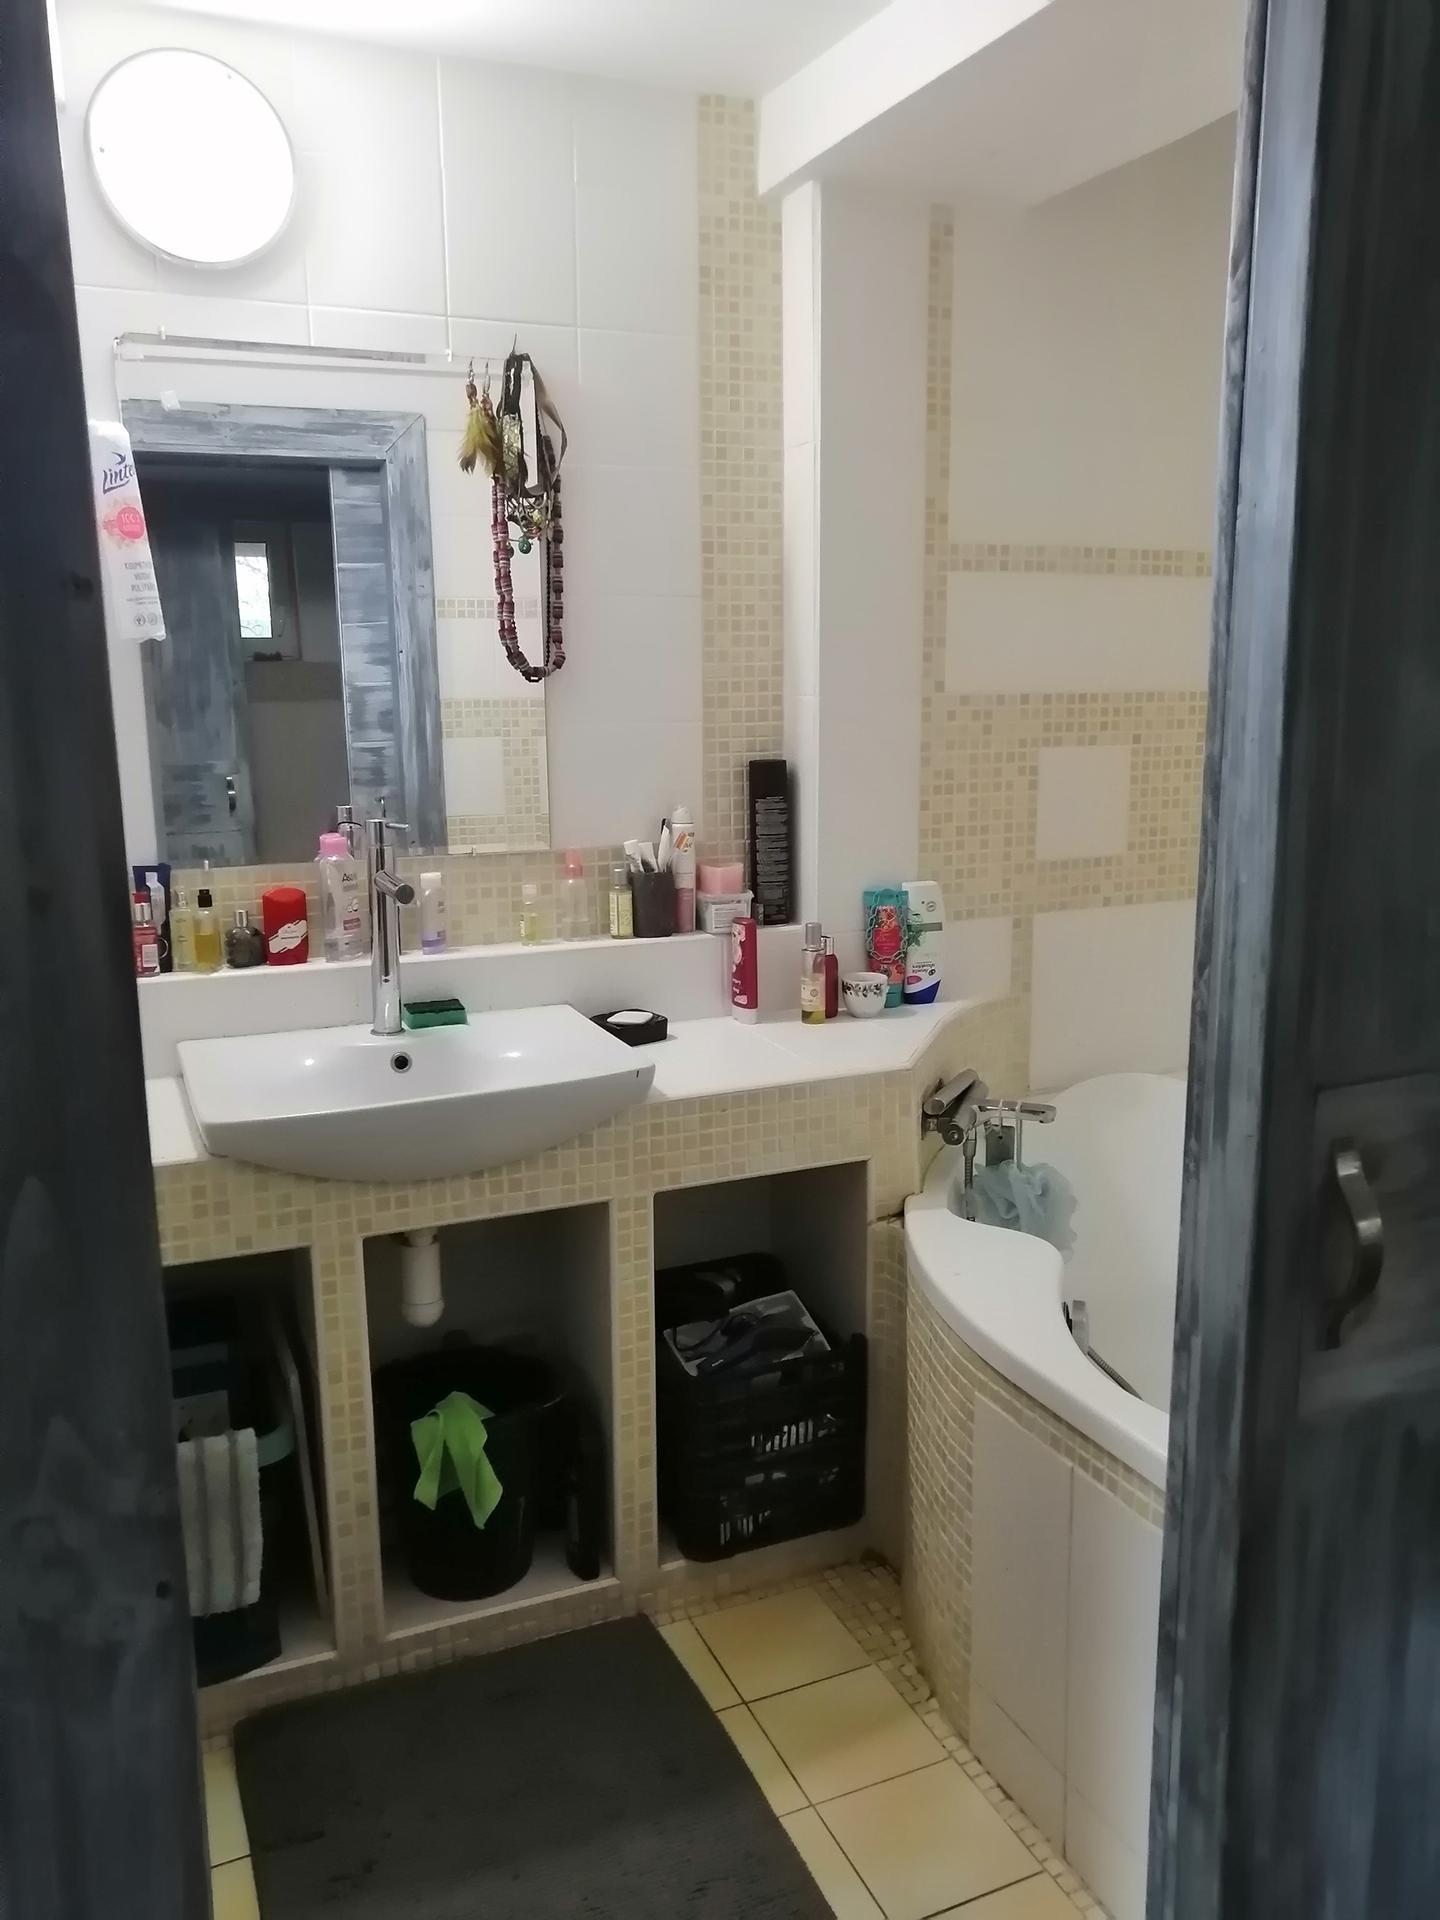 Rekonstrukce koupelny - Obrázek č. 2